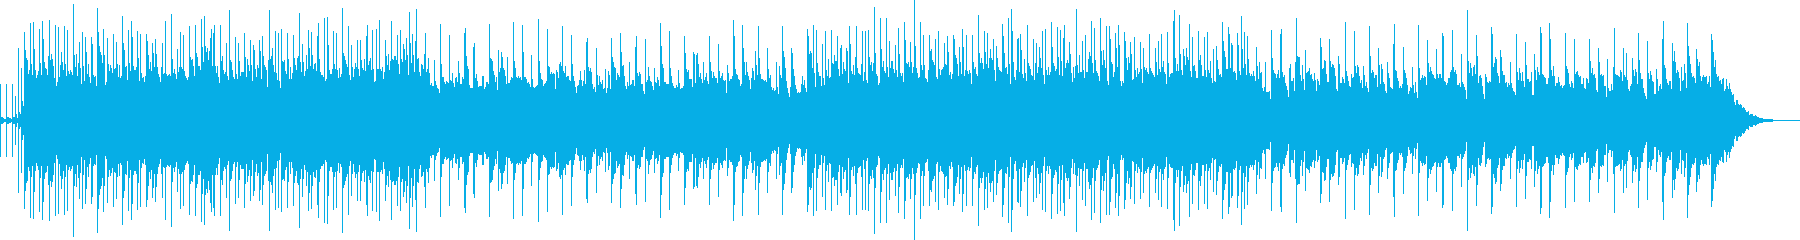 平凡で平和な日常・エンディングBGMの再生済みの波形